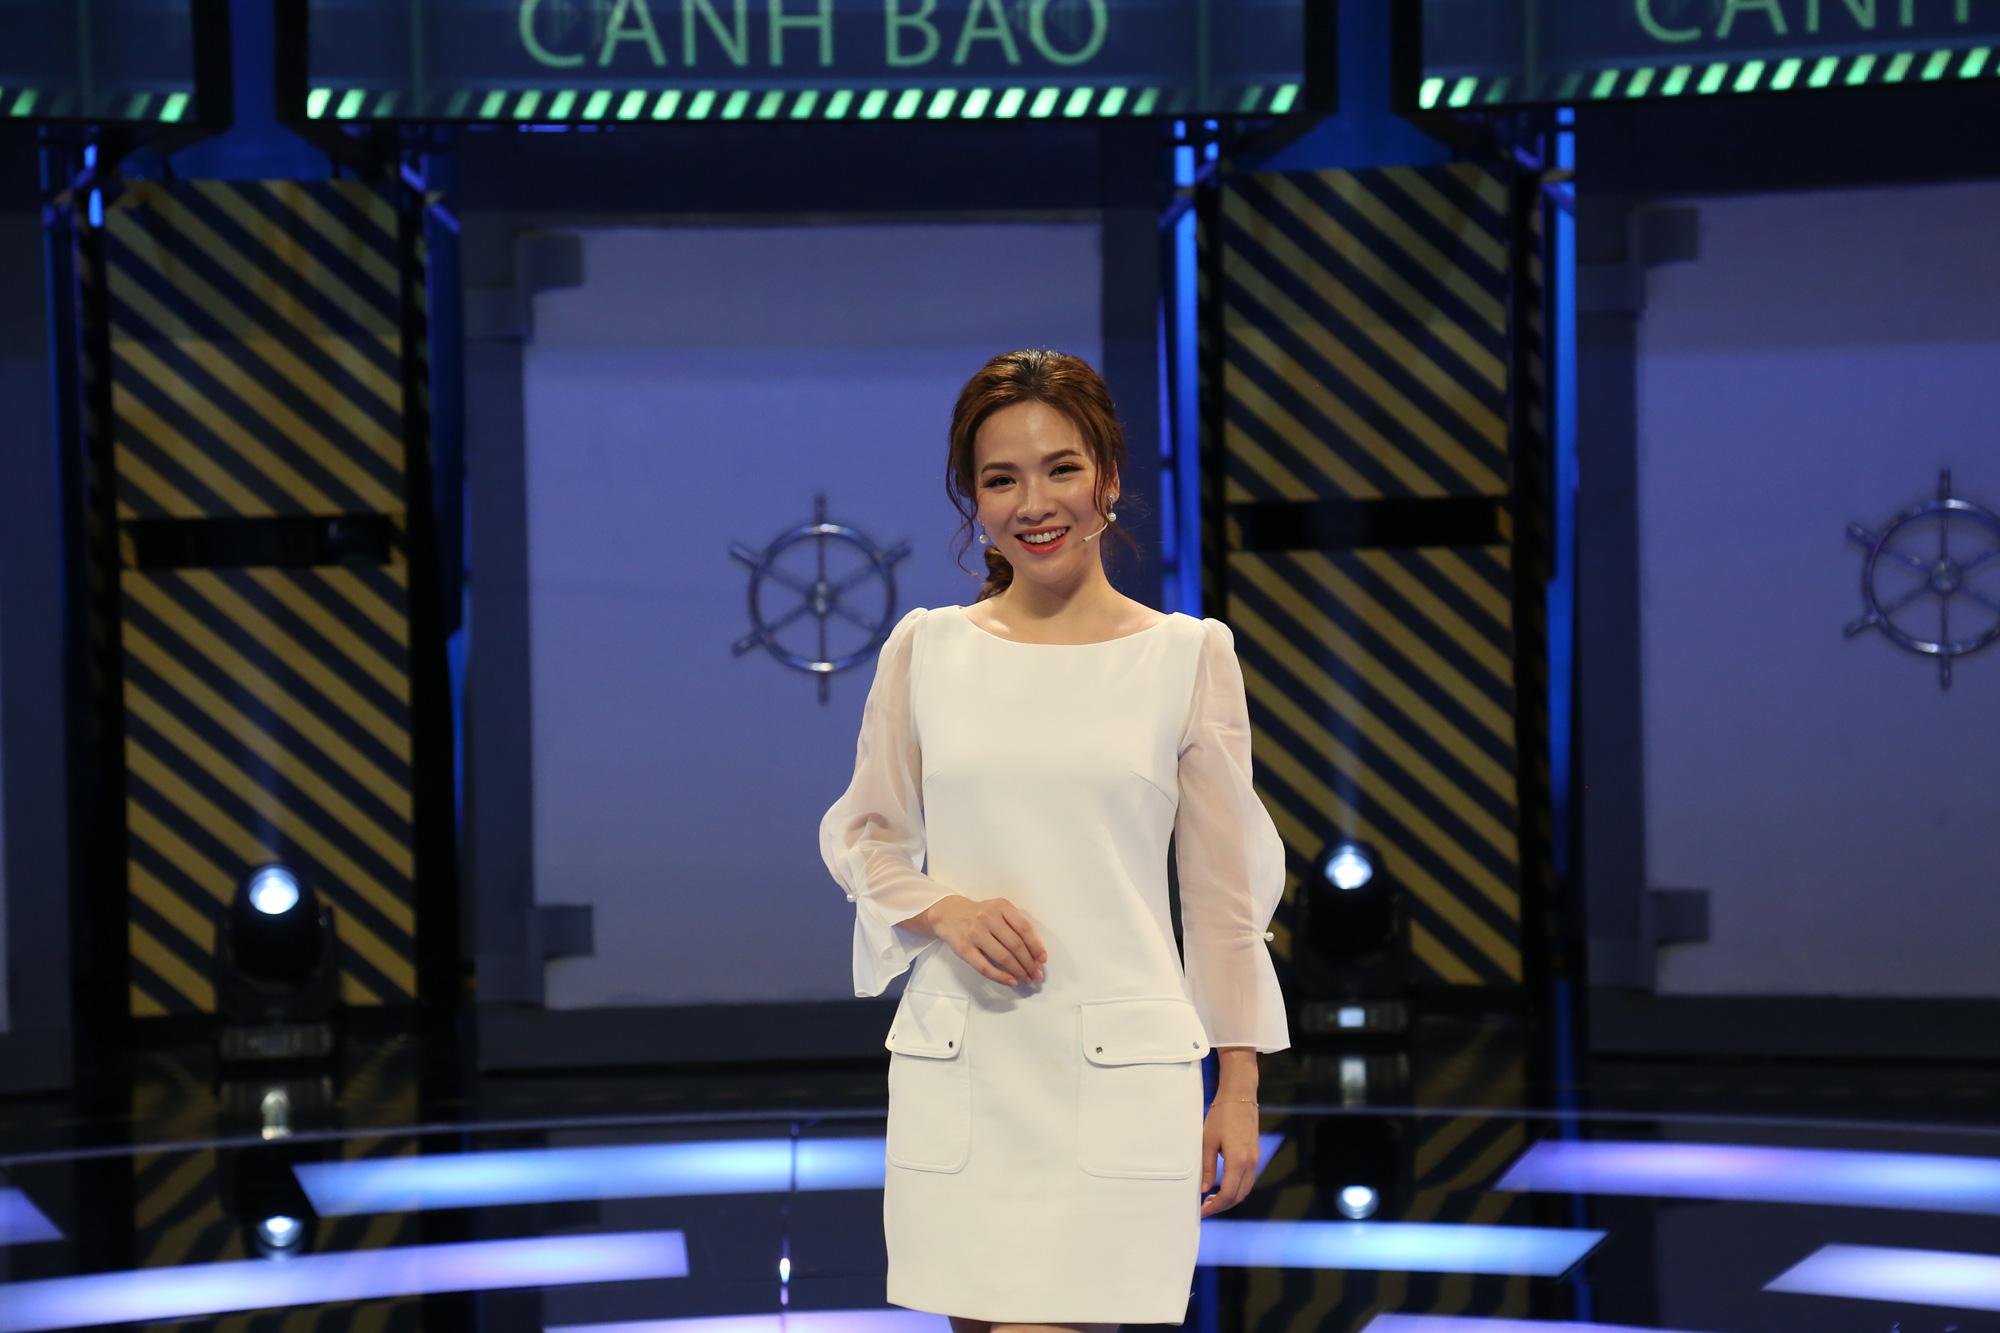 """Đại Nghĩa, Đan Lê tiết lộ là """"fan ruột"""" của Hạ cánh nơi anh, cày phim Hàn đến sáng - Ảnh 2."""